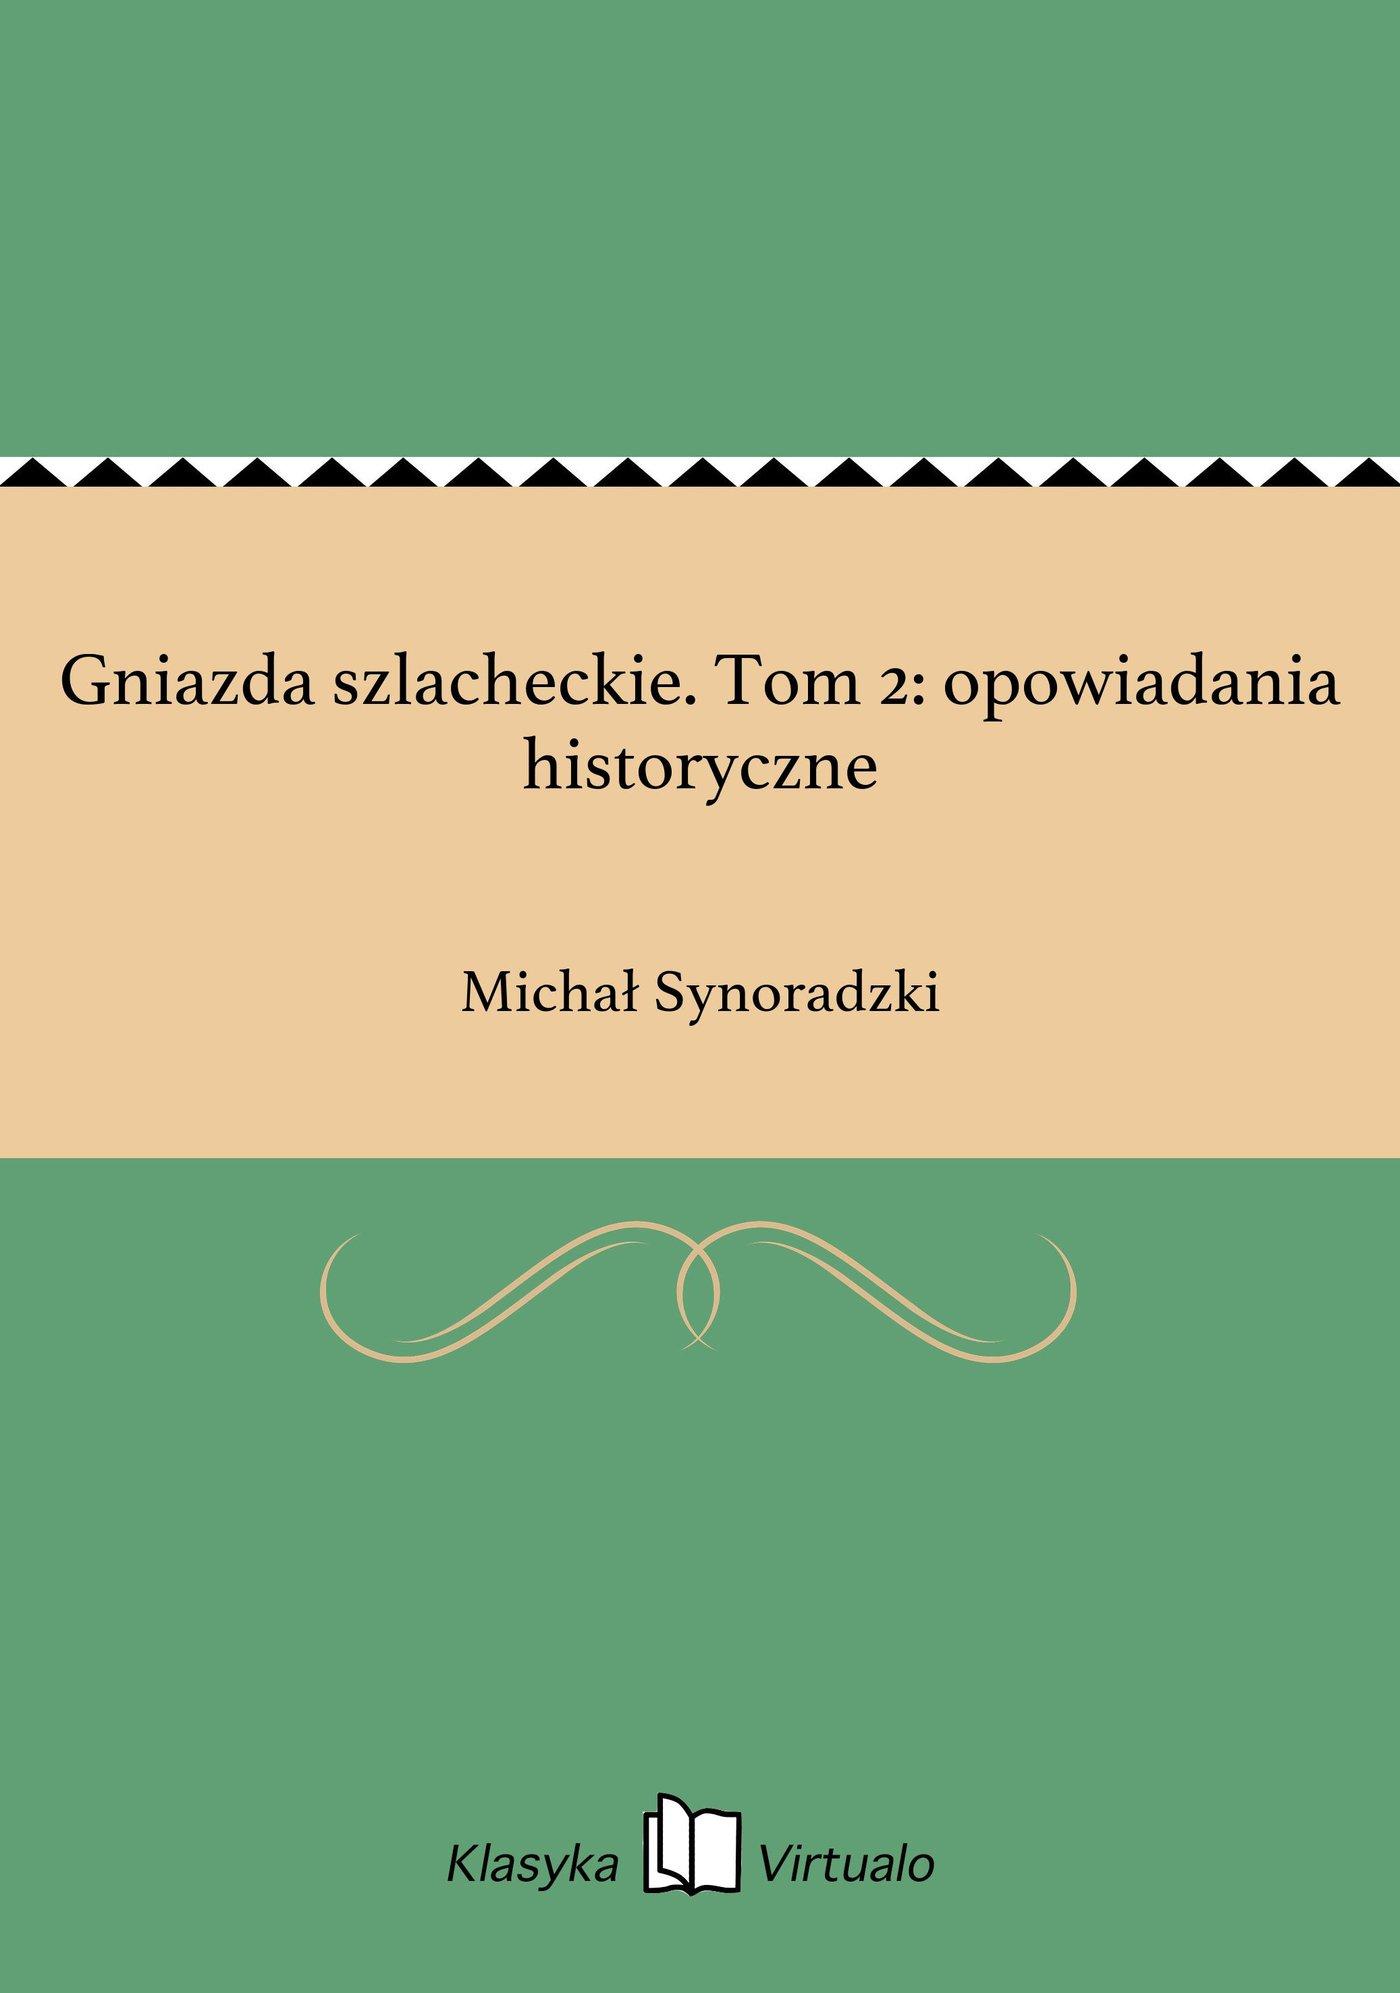 Gniazda szlacheckie. Tom 2: opowiadania historyczne - Ebook (Książka EPUB) do pobrania w formacie EPUB